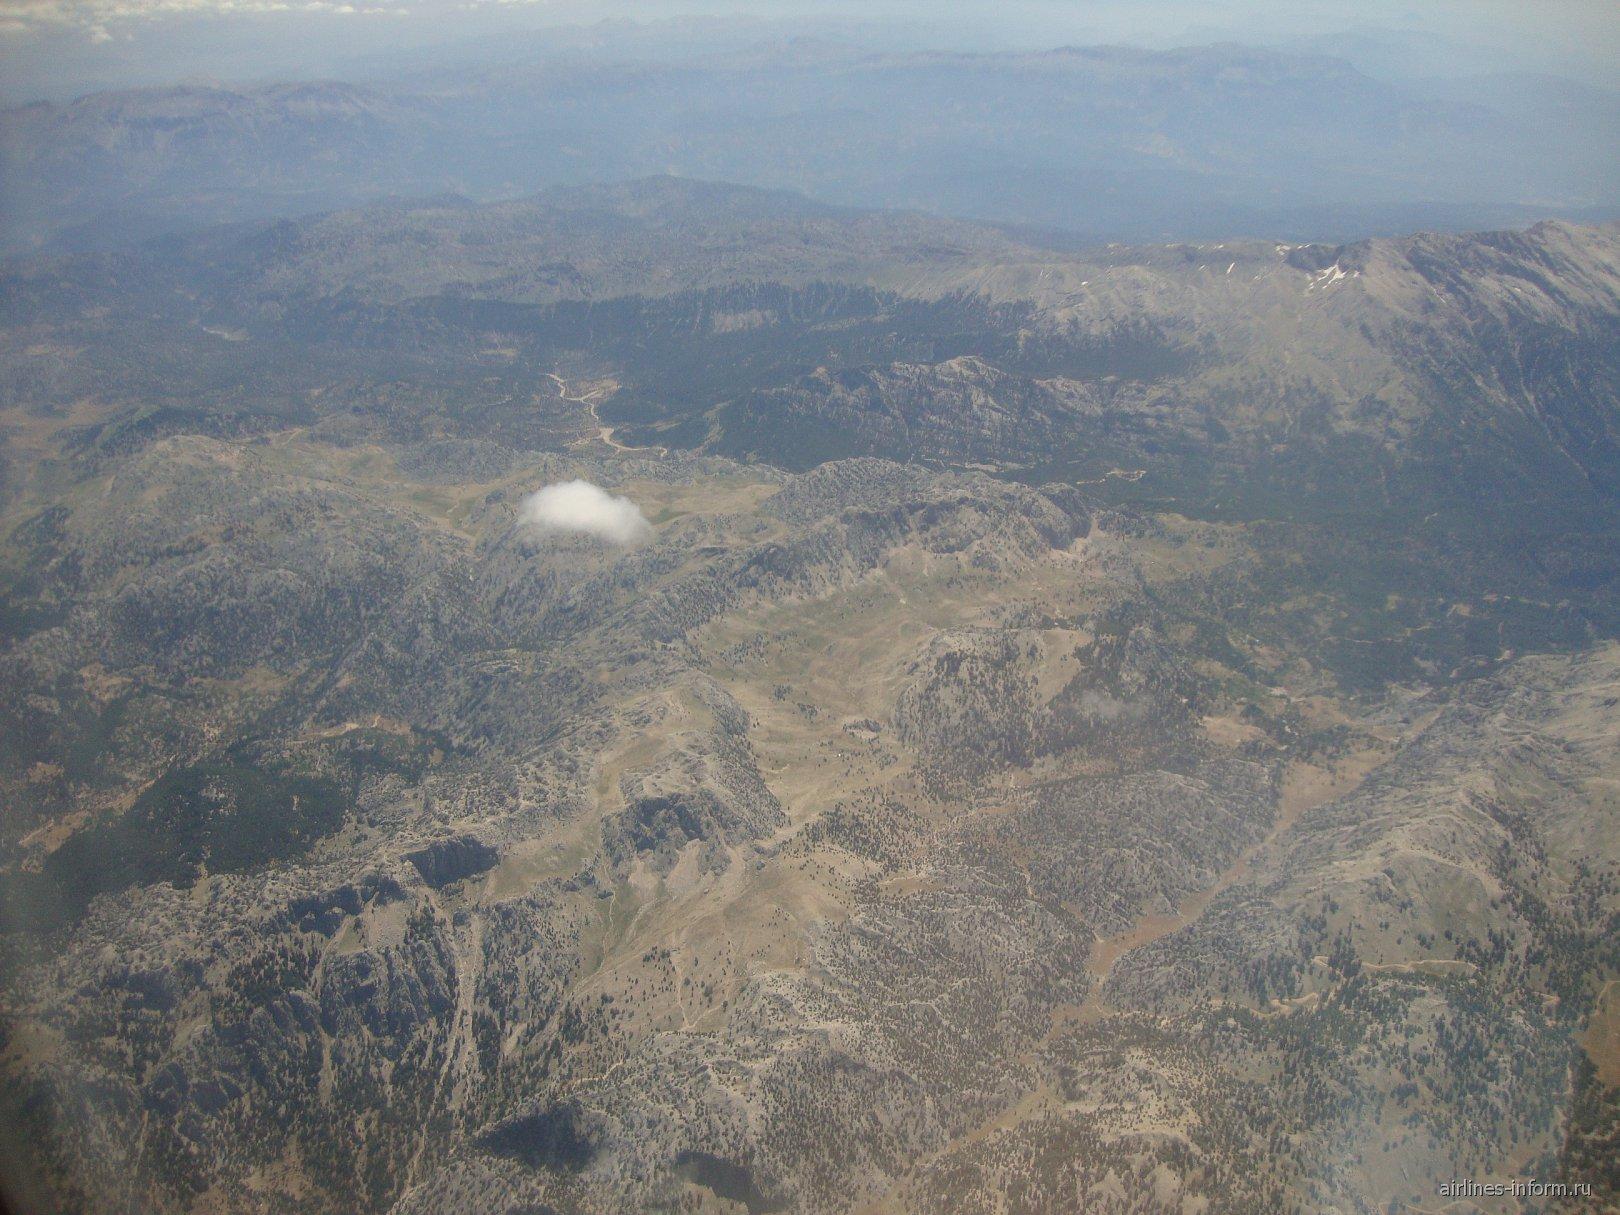 Над горами Турции после взлета из Антальи